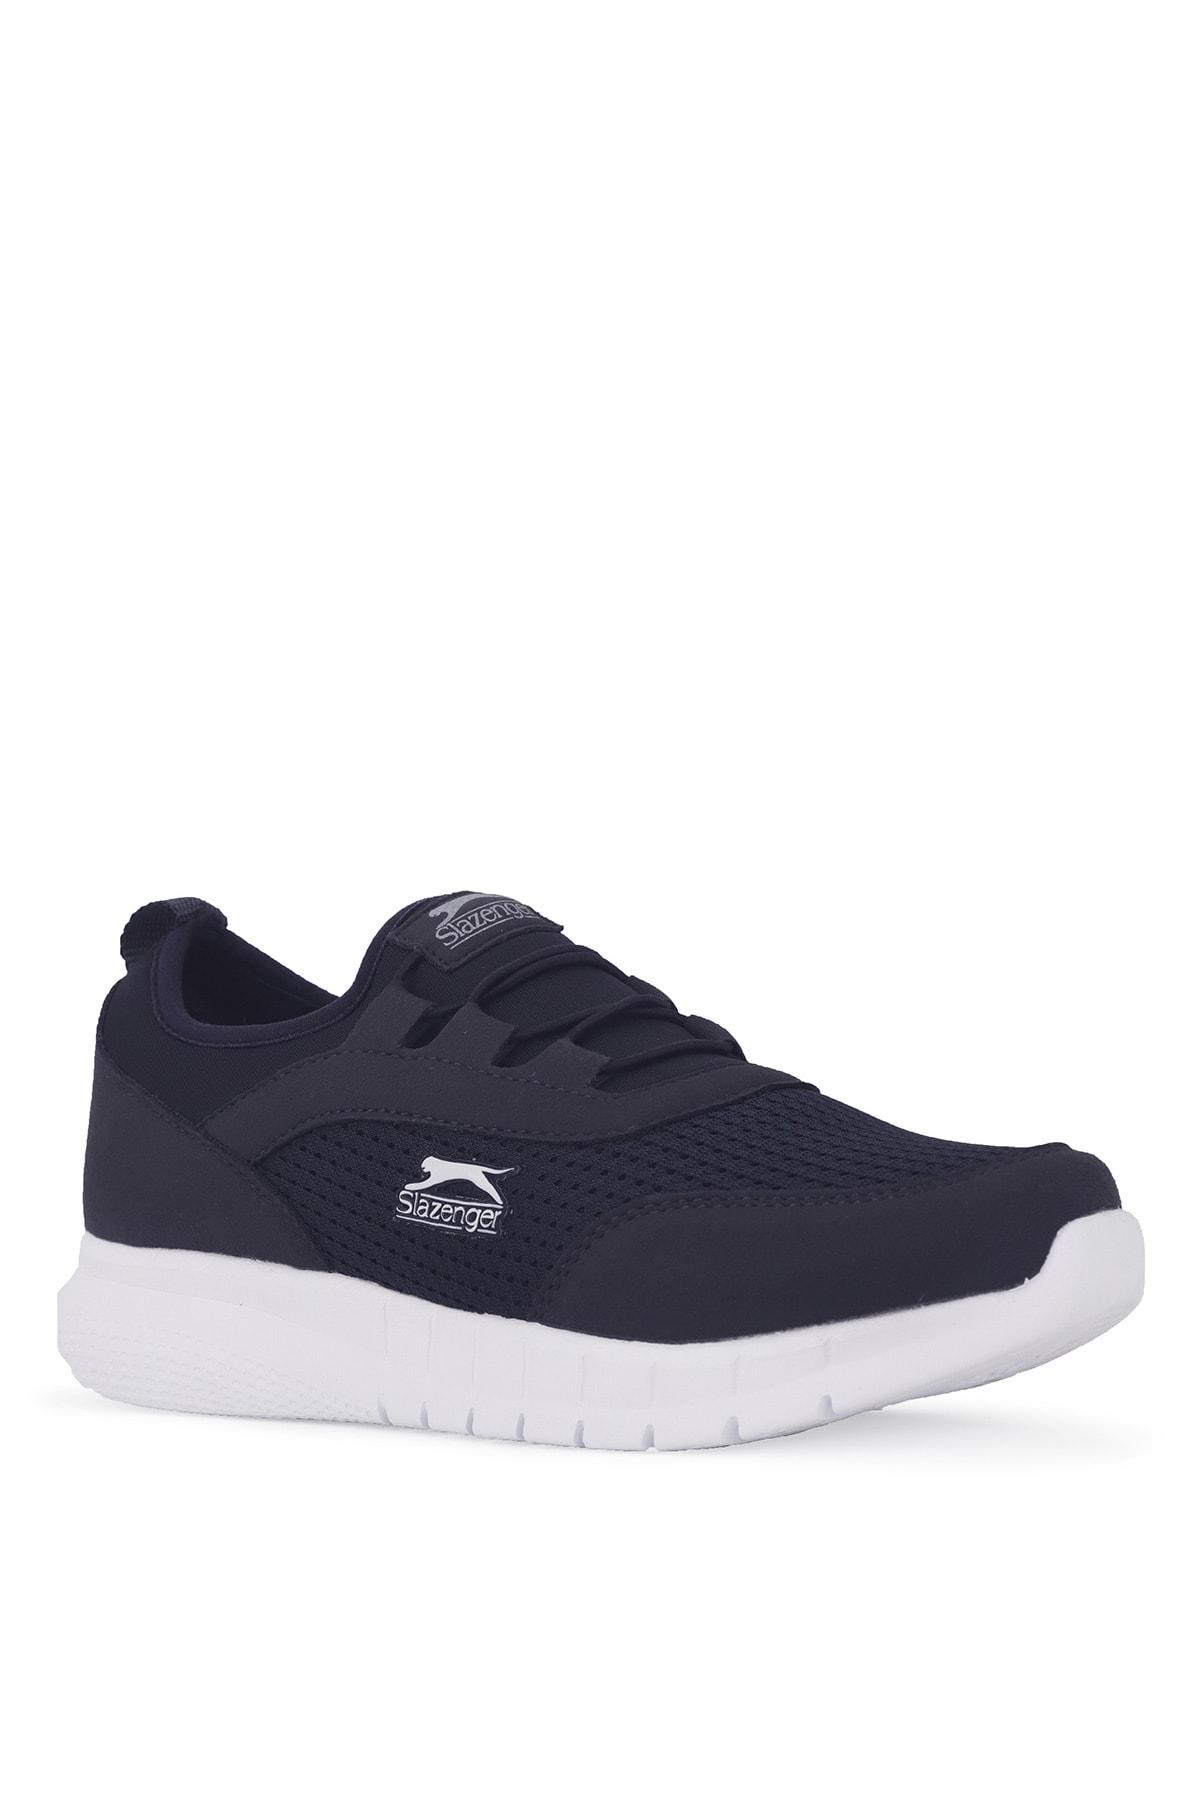 Slazenger PINO Sneaker Kadın Ayakkabı Lacivert / Beyaz SA10LK110 2